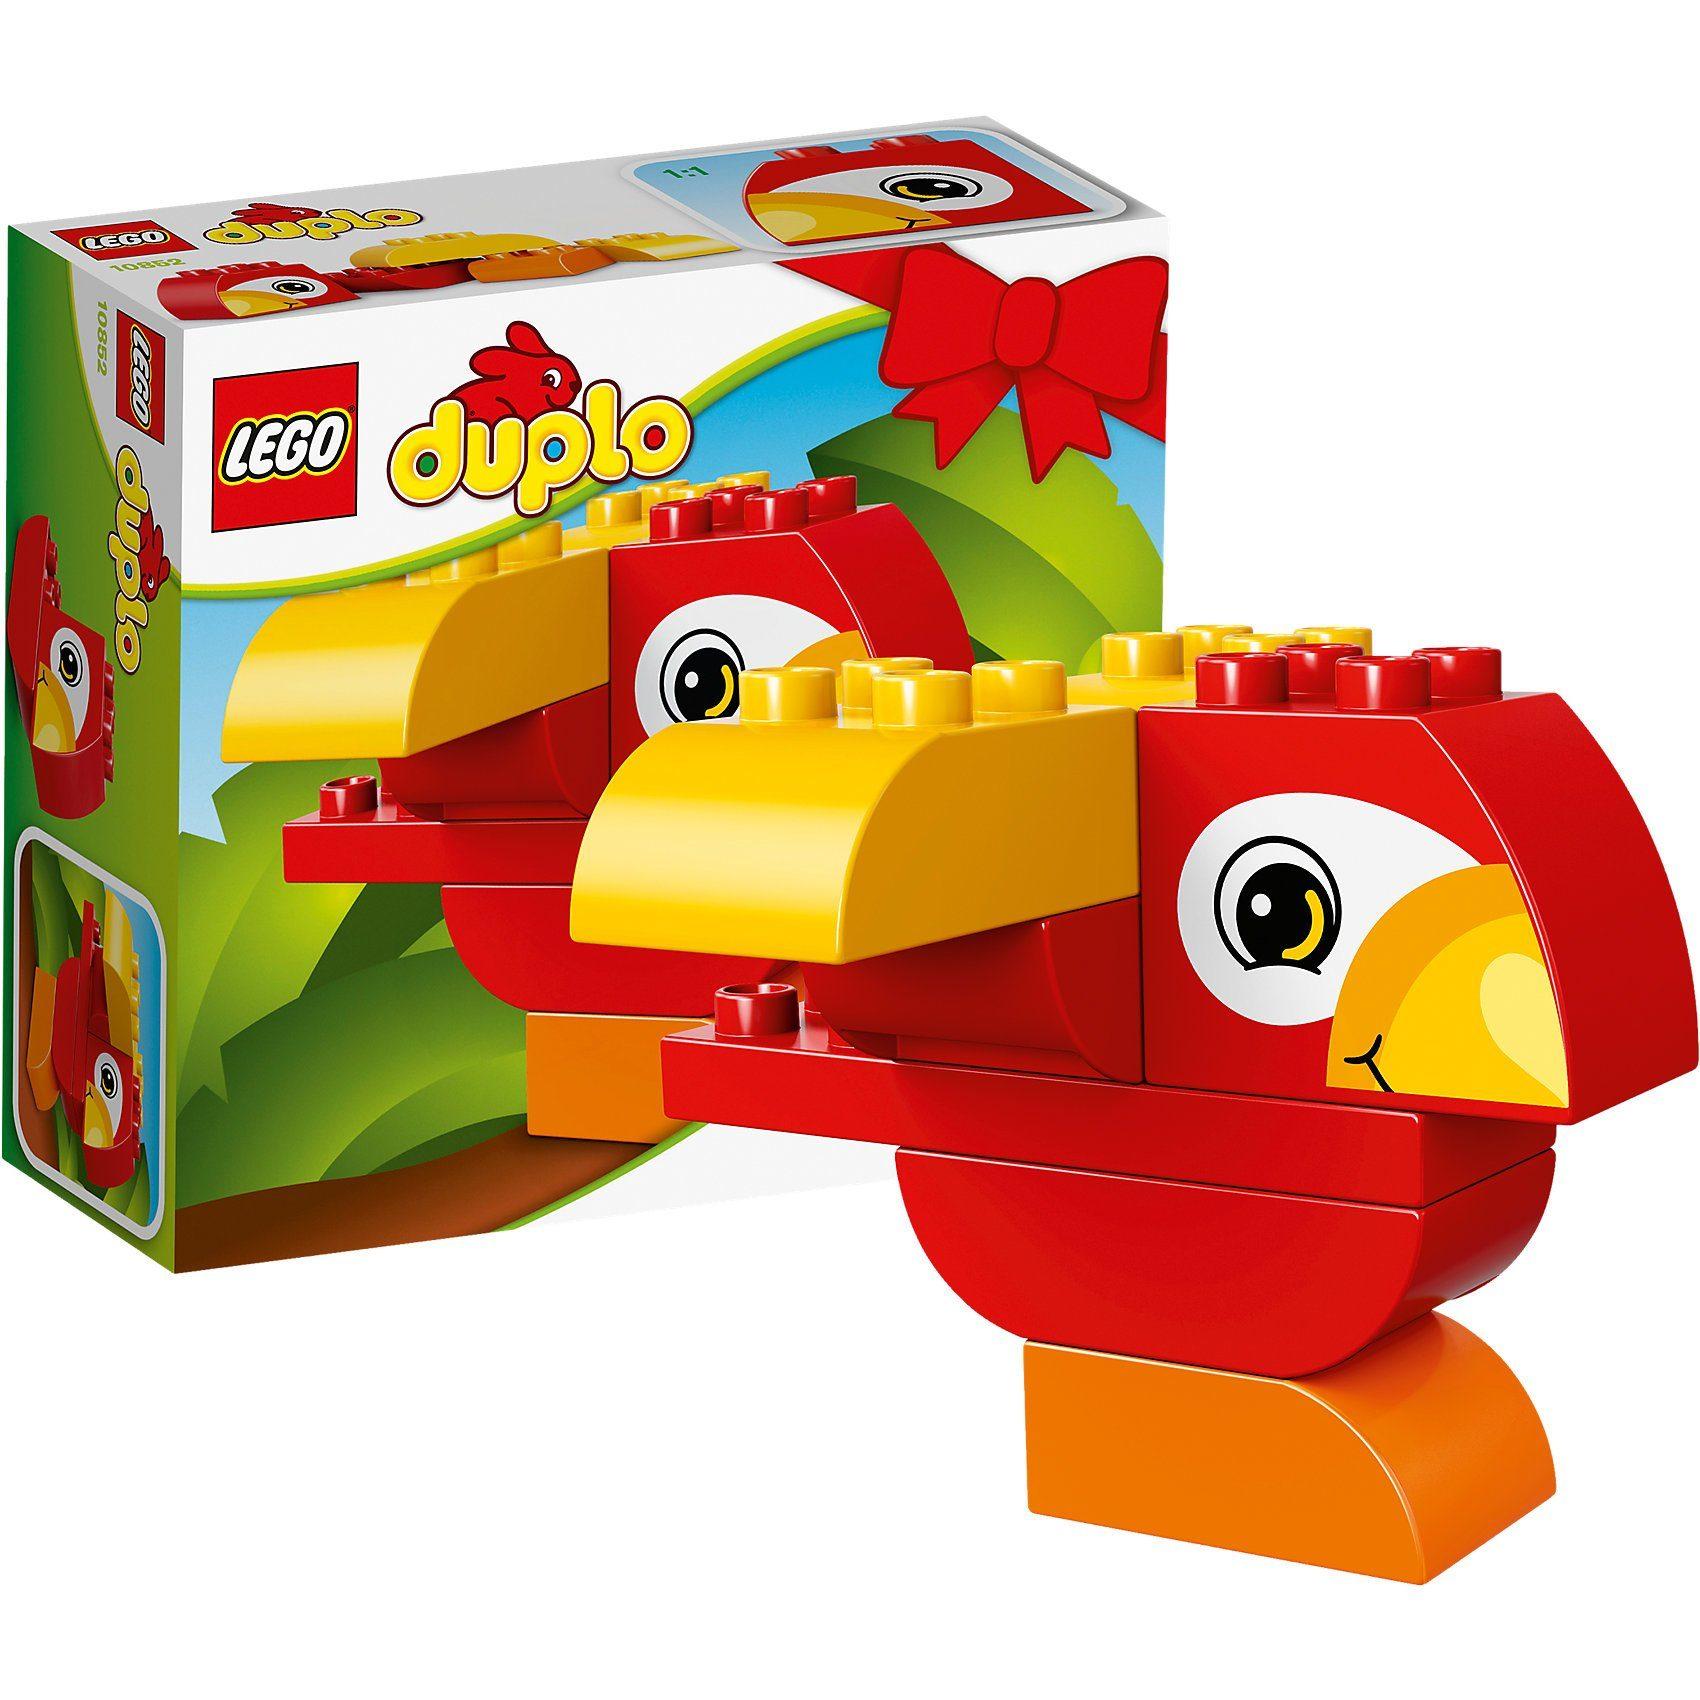 LEGO 10852 DUPLO: Mein erster Papagei